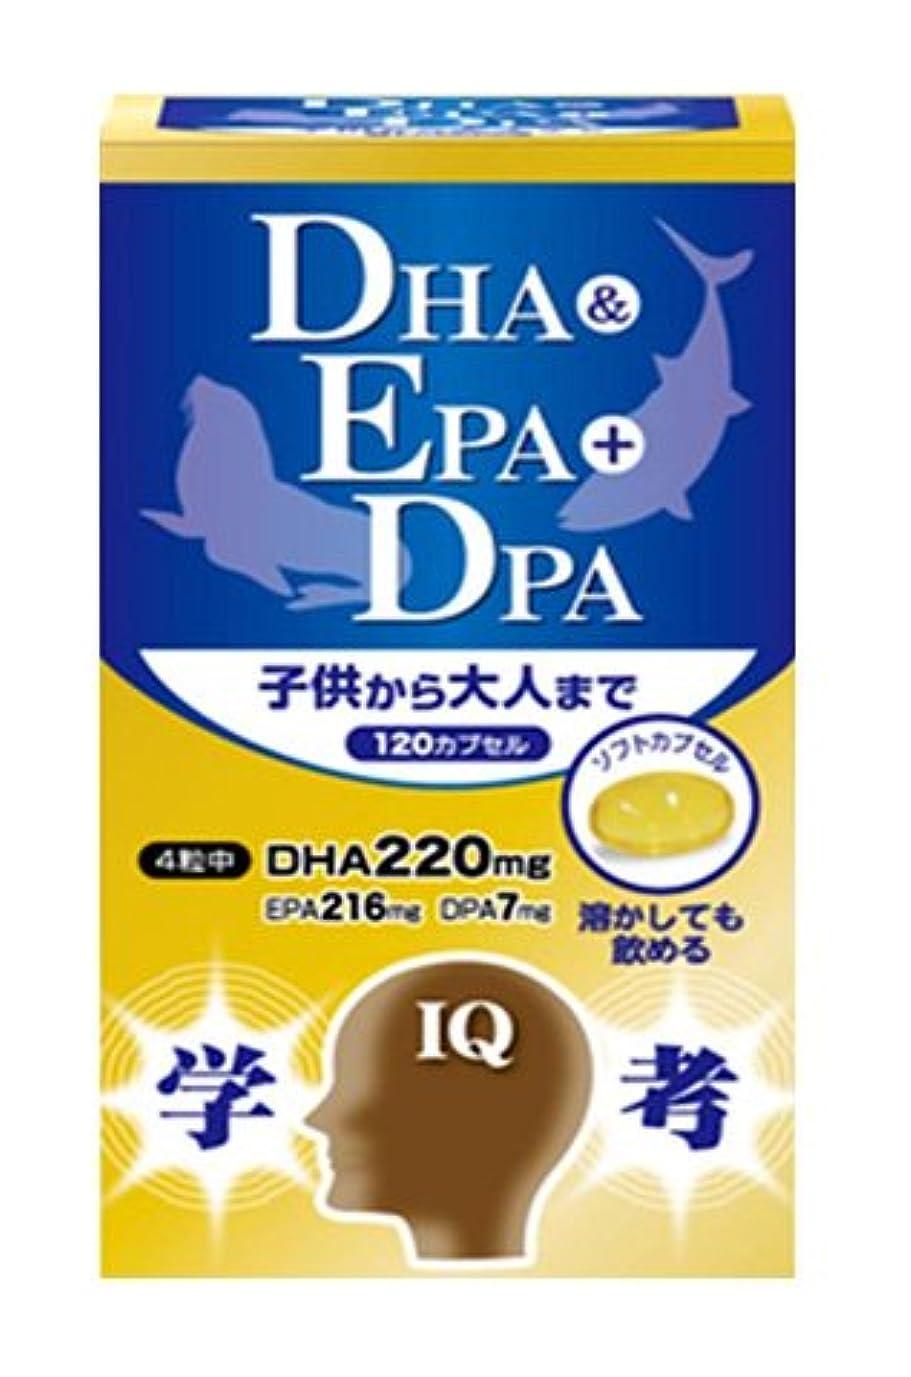 マスクマスクリーズ三供堂漢方 DHA&EPA+DPA 290mg×120粒×5個セット